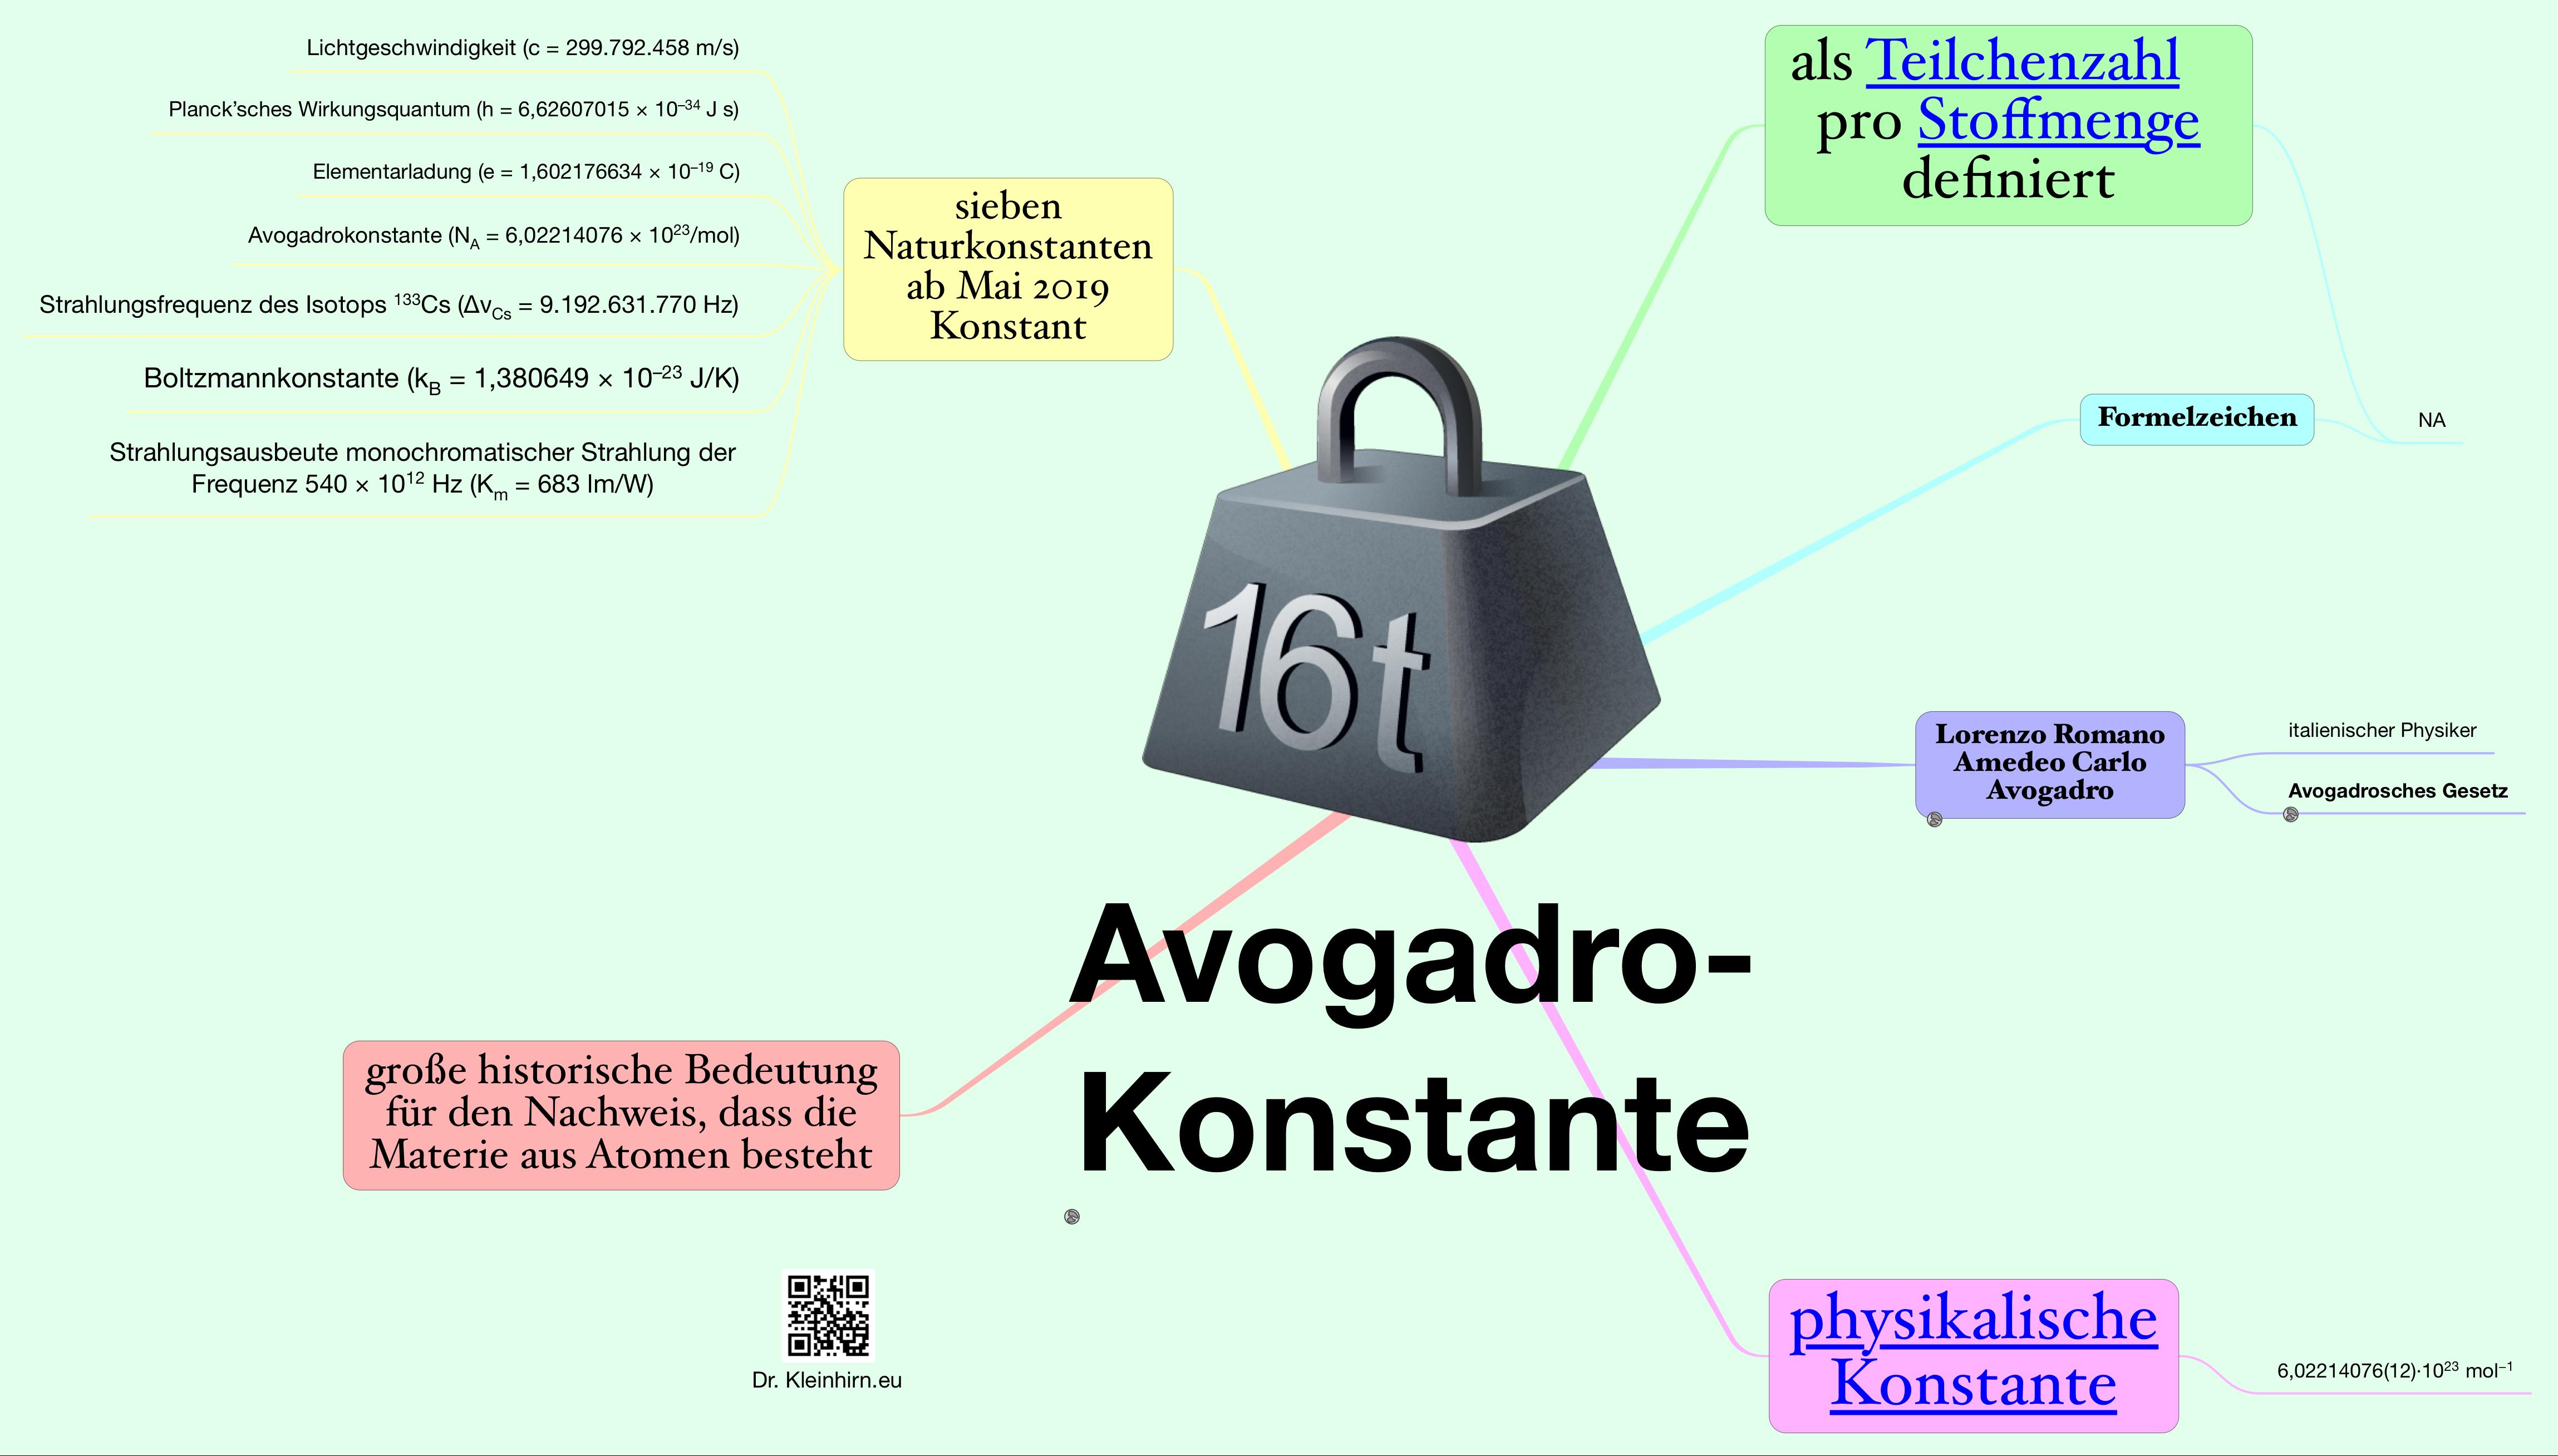 Avogadro-Konstante